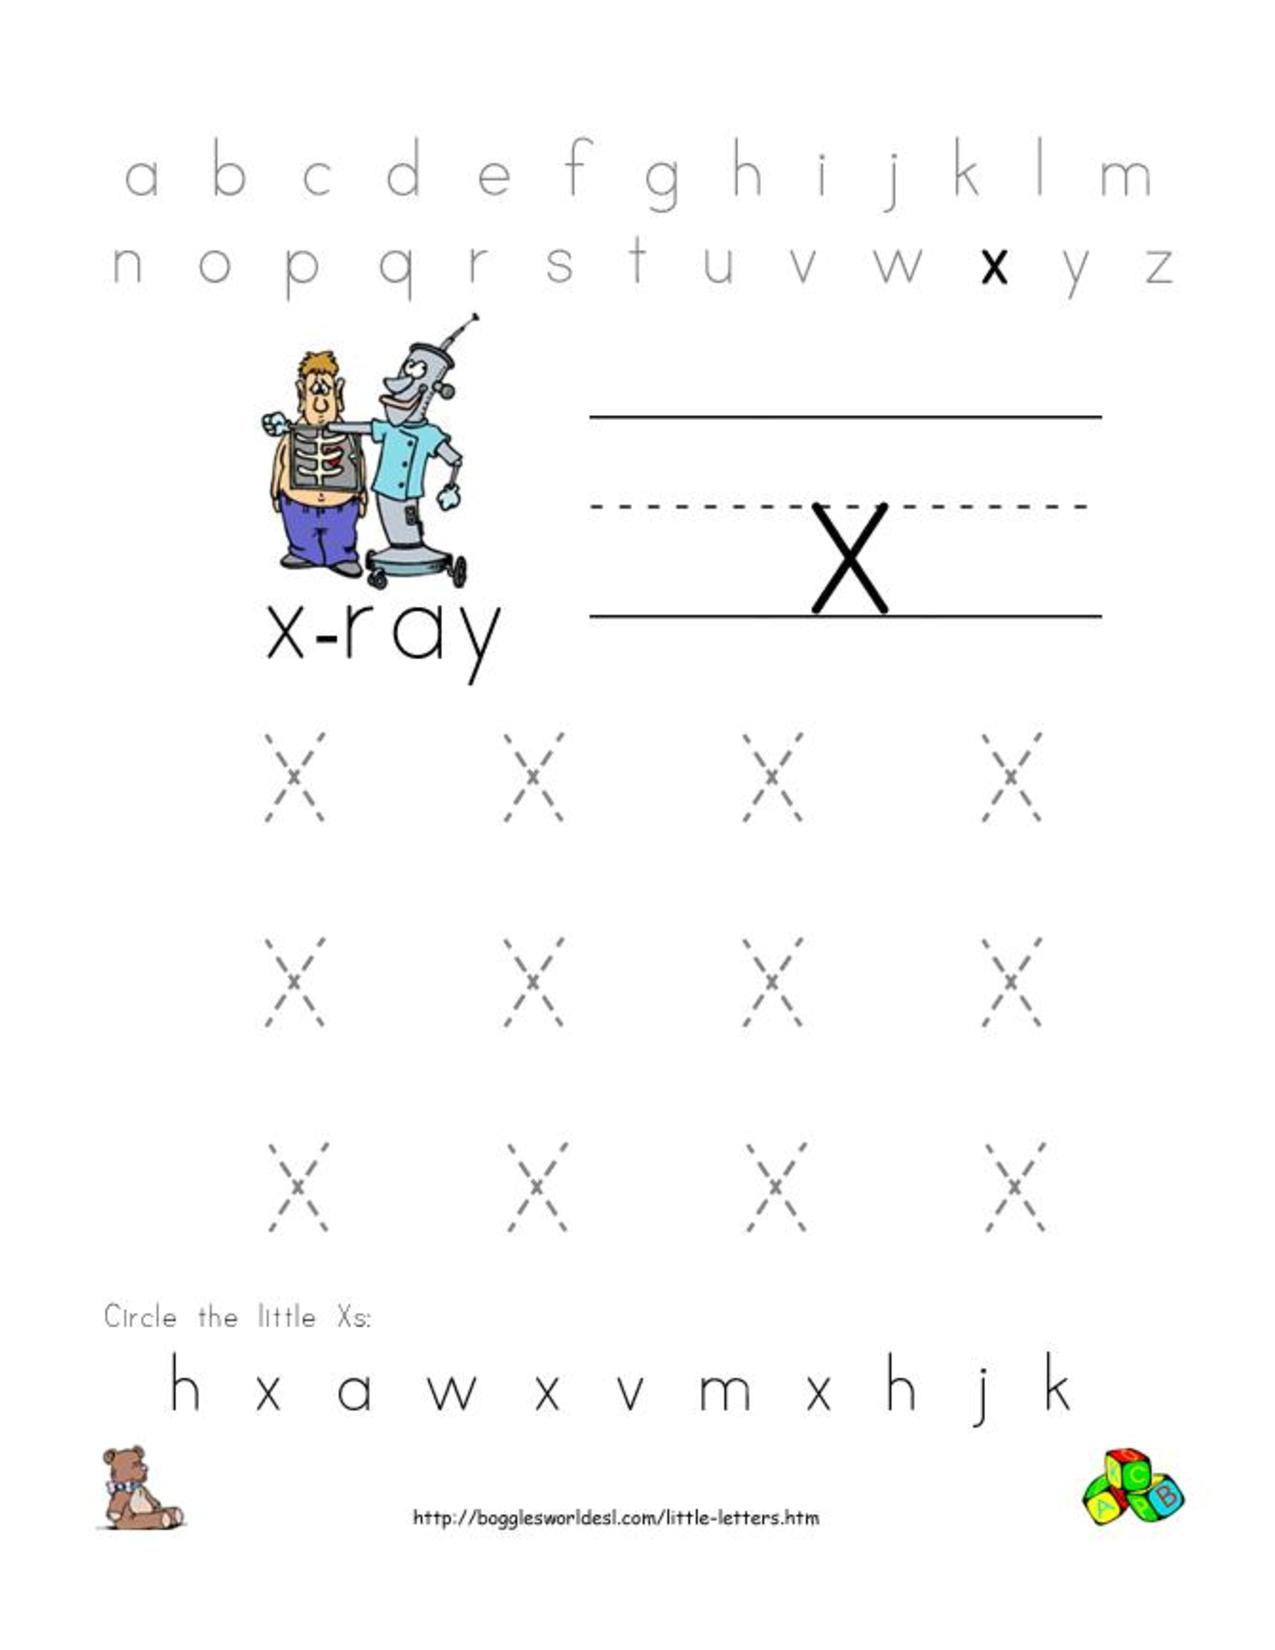 Alphabet Worksheets For Preschoolers Alphabet Worksheet Little Letter X Alphabet Worksheets Alphabet Worksheets Kindergarten Kindergarten Worksheets [ 1650 x 1275 Pixel ]